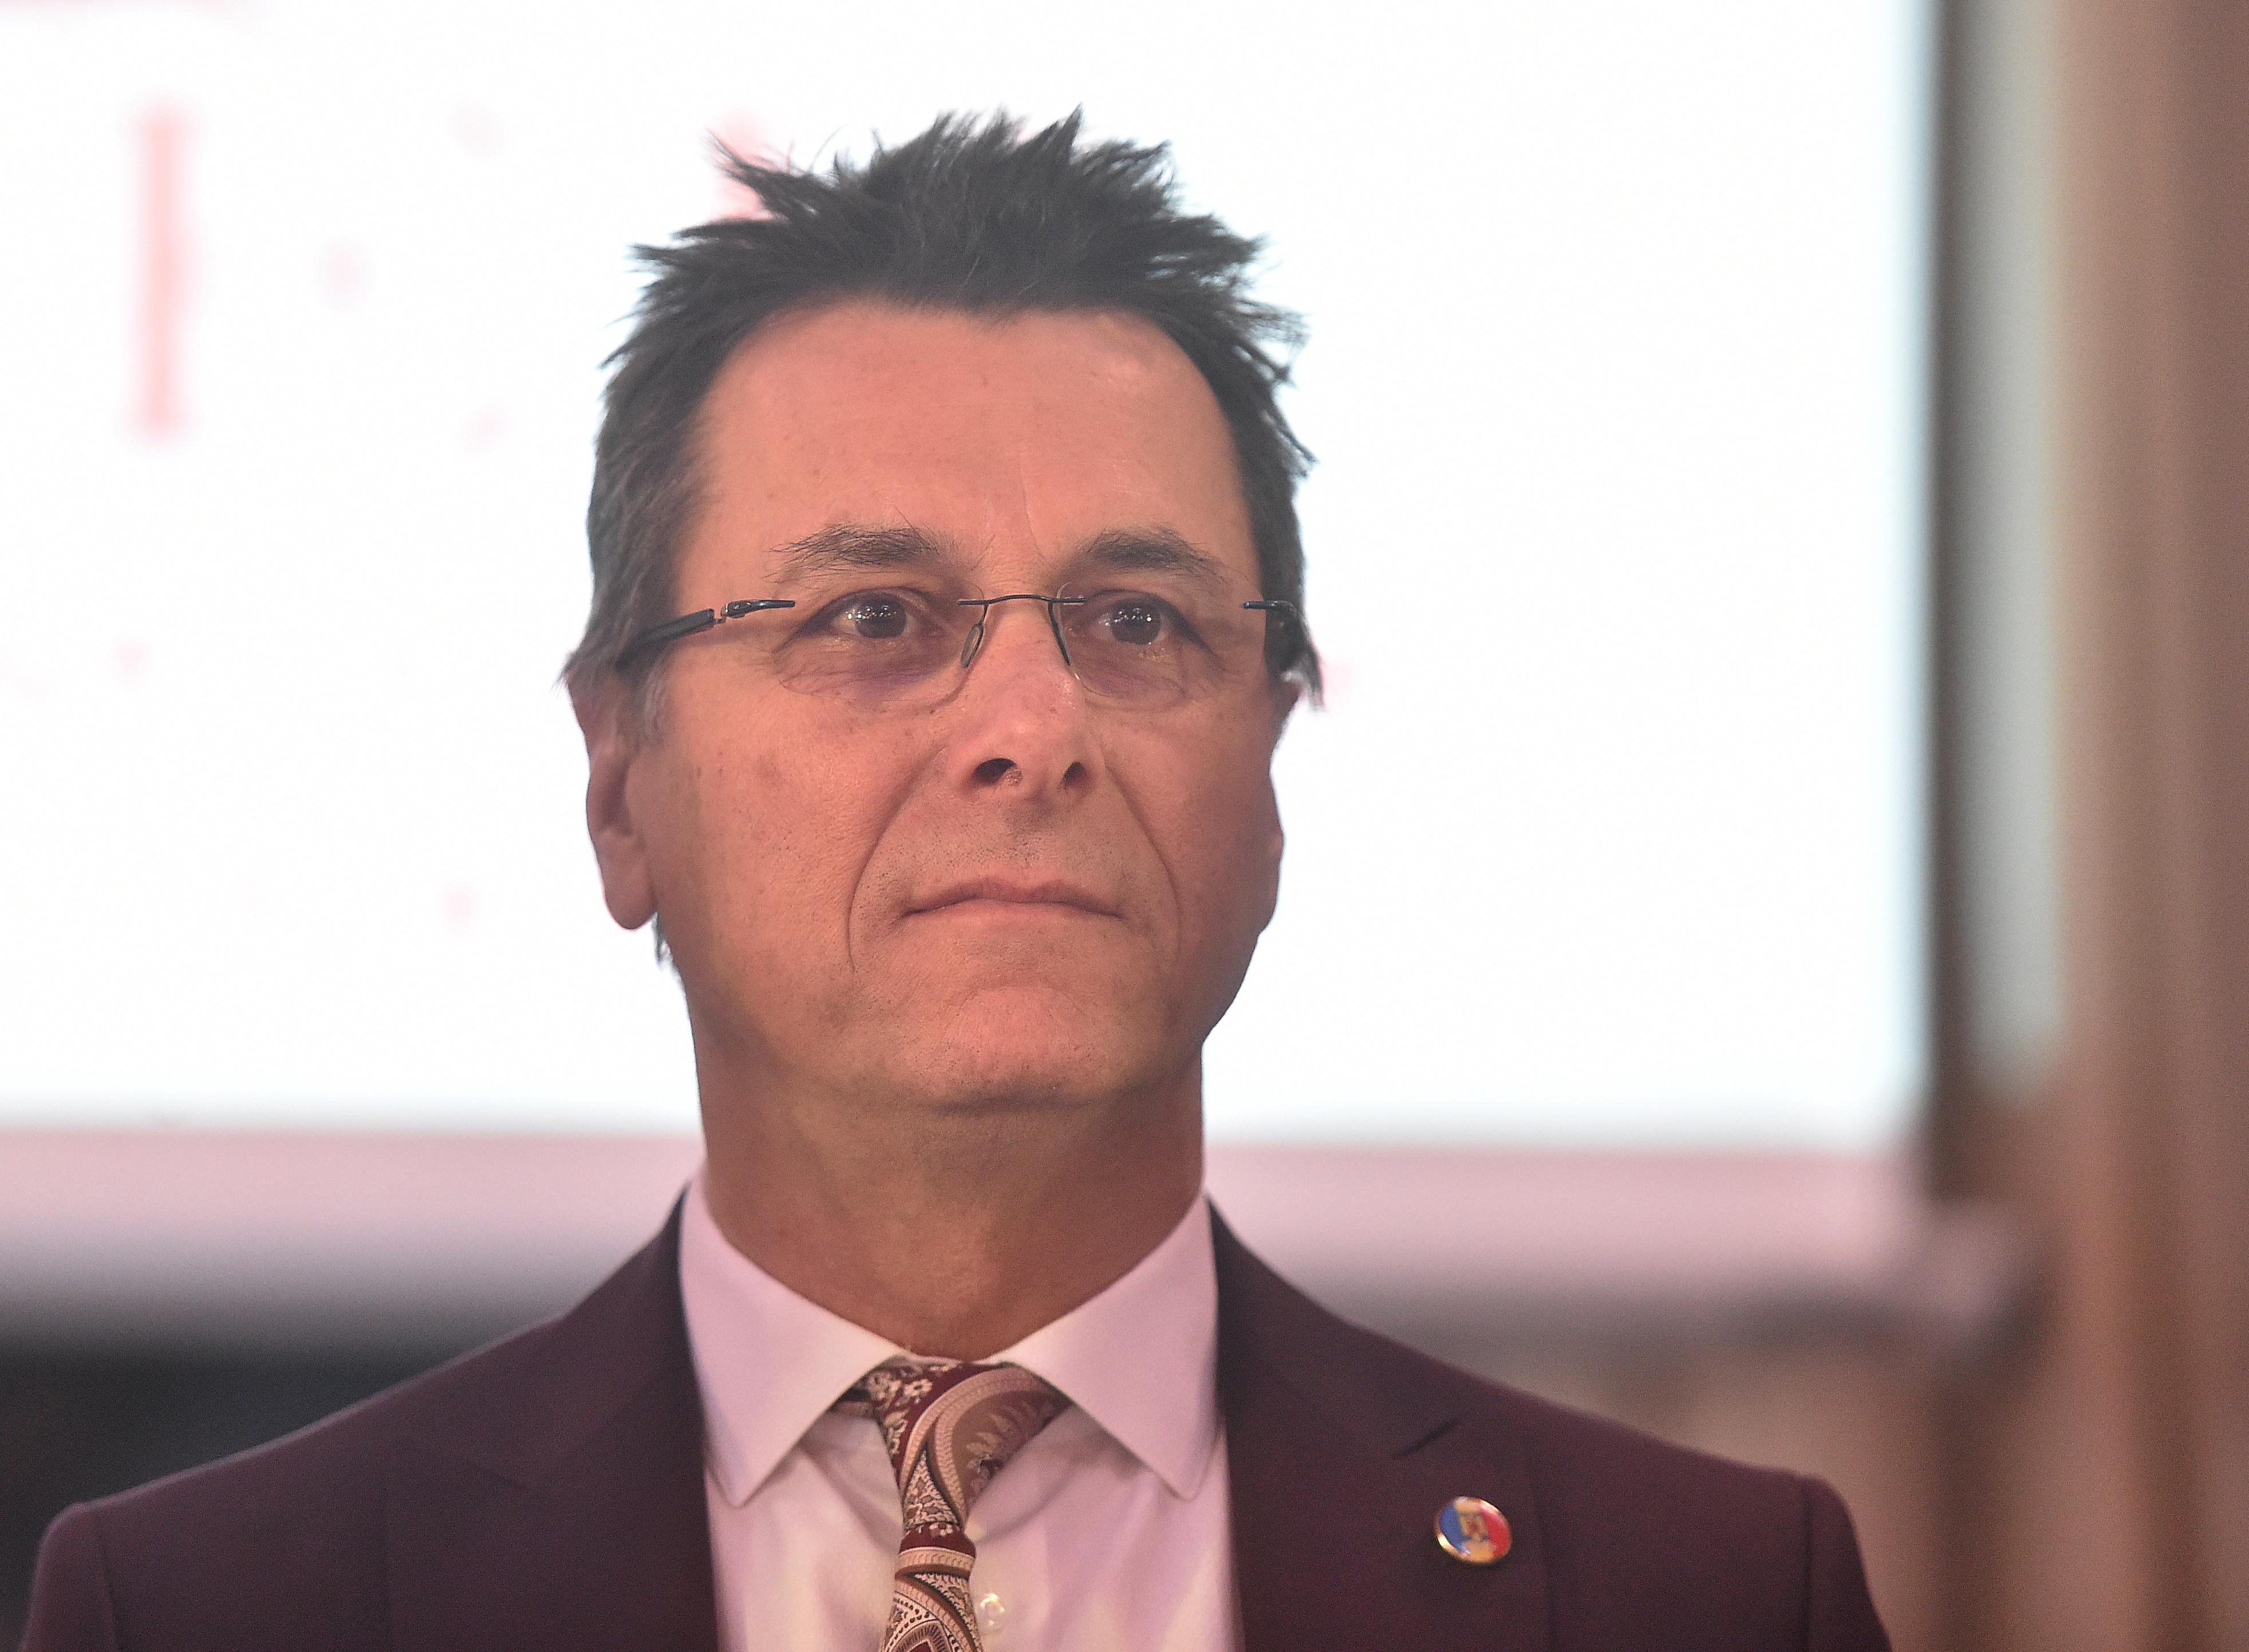 Fostul ministru și candidat la preşedinţie, Bogdan Stanoevici, a murit